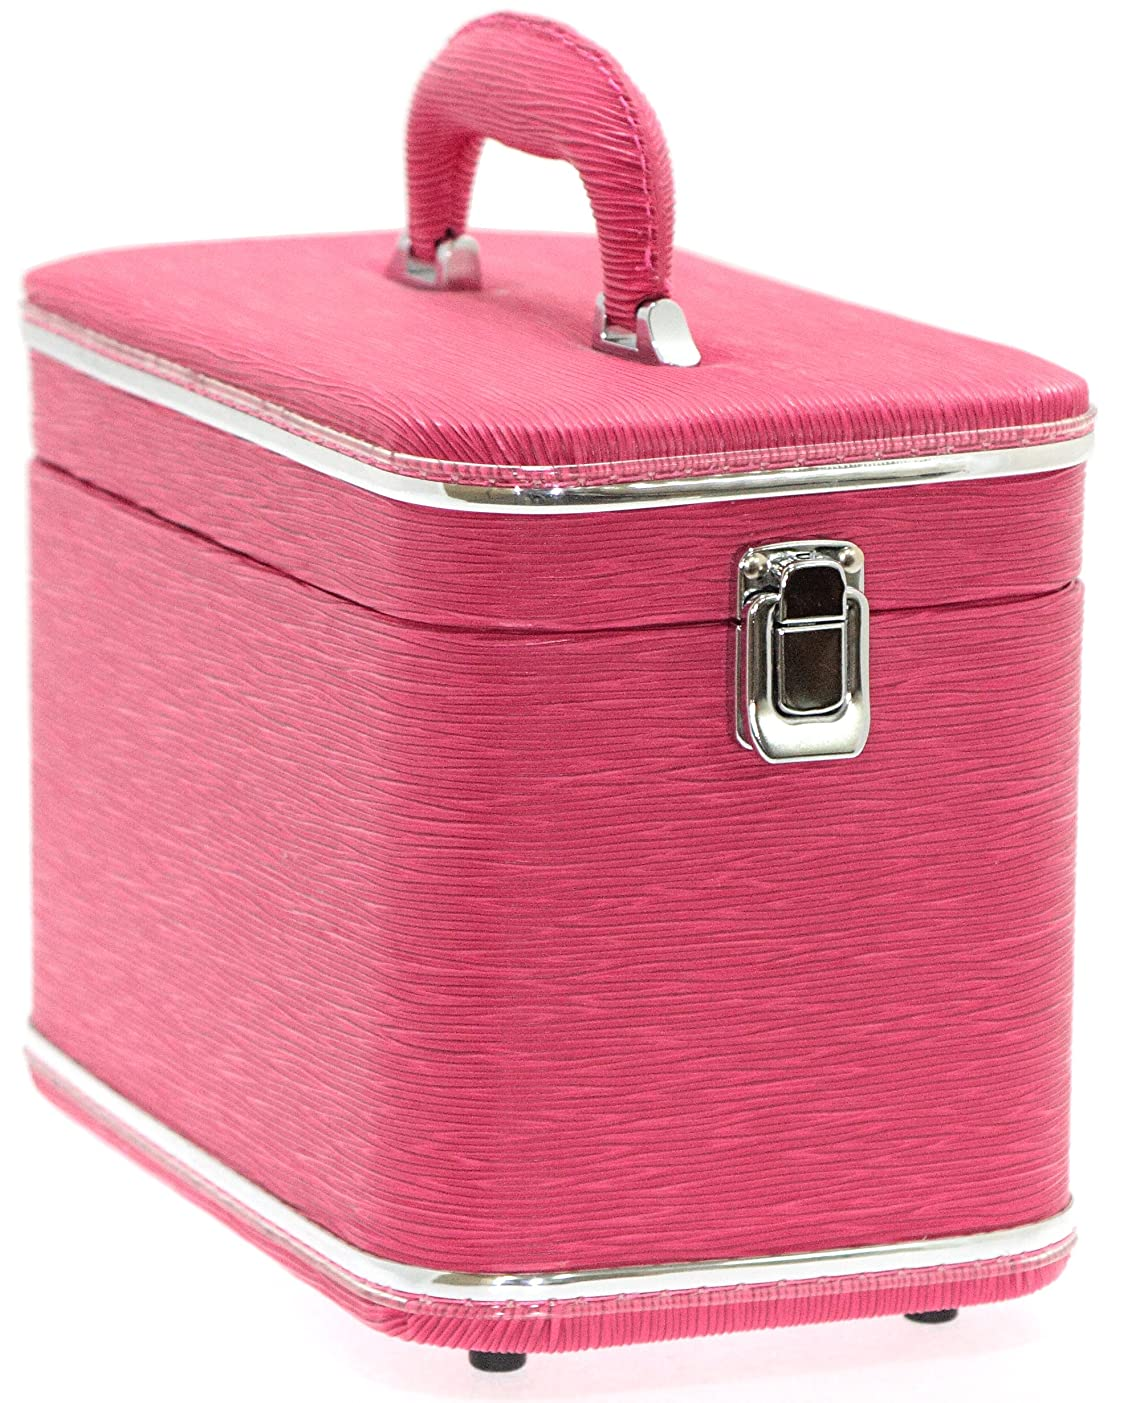 選択するなくなる届けるエピ調水絞縦型トレンチケース ピンク 鍵無 6489-15